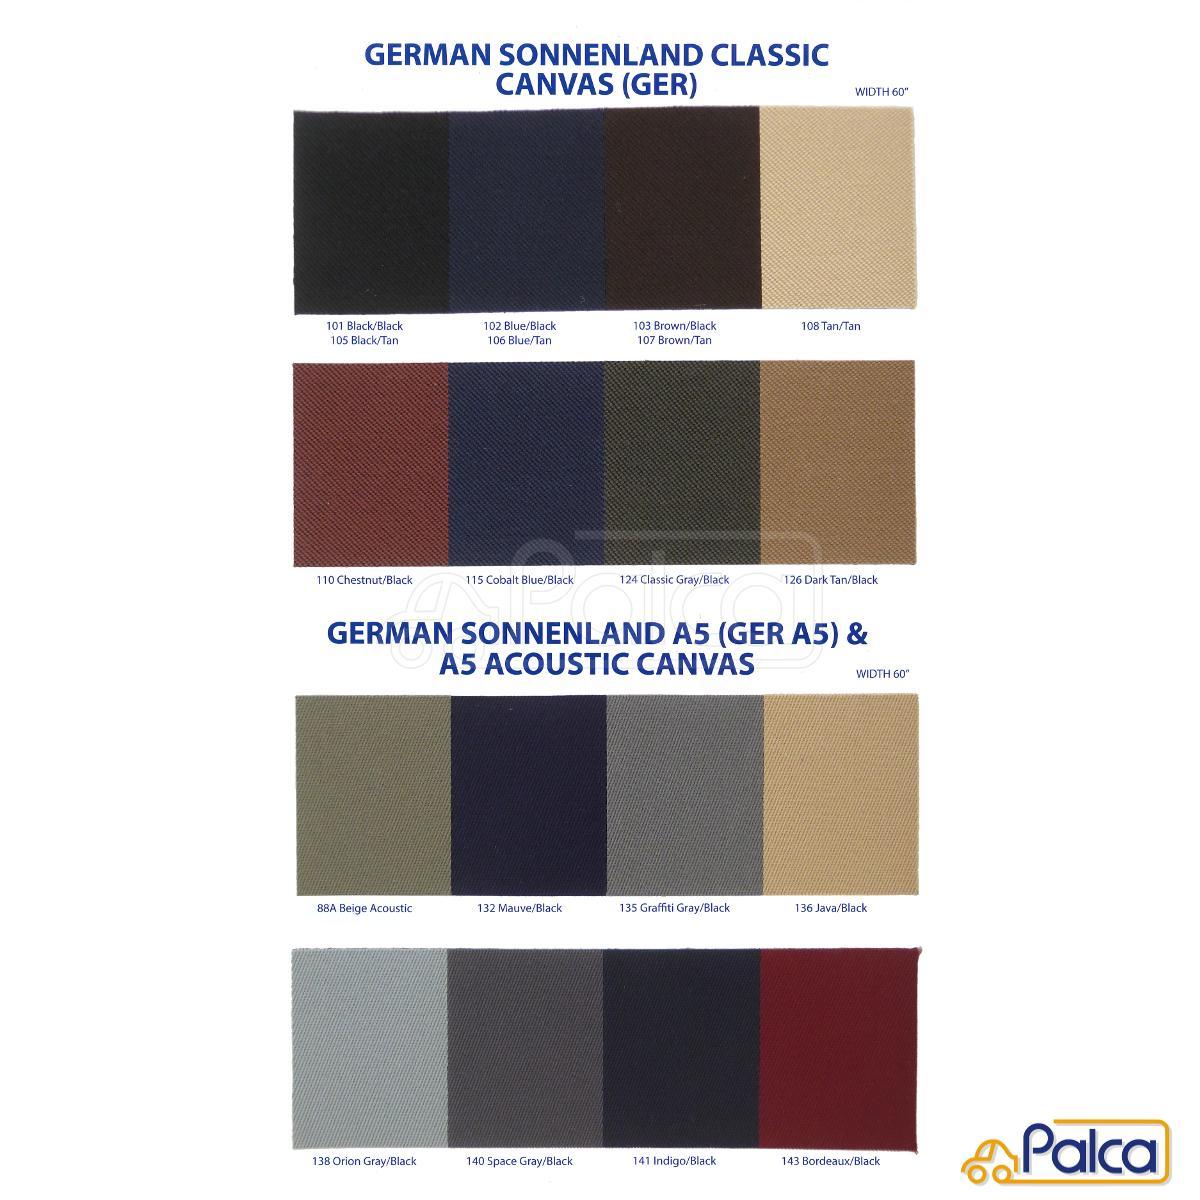 フォルクスワーゲン ソフトトップ/幌 ゴルフ3カブリオレ キャンバス/Sonnenland German Classic アメリカ製